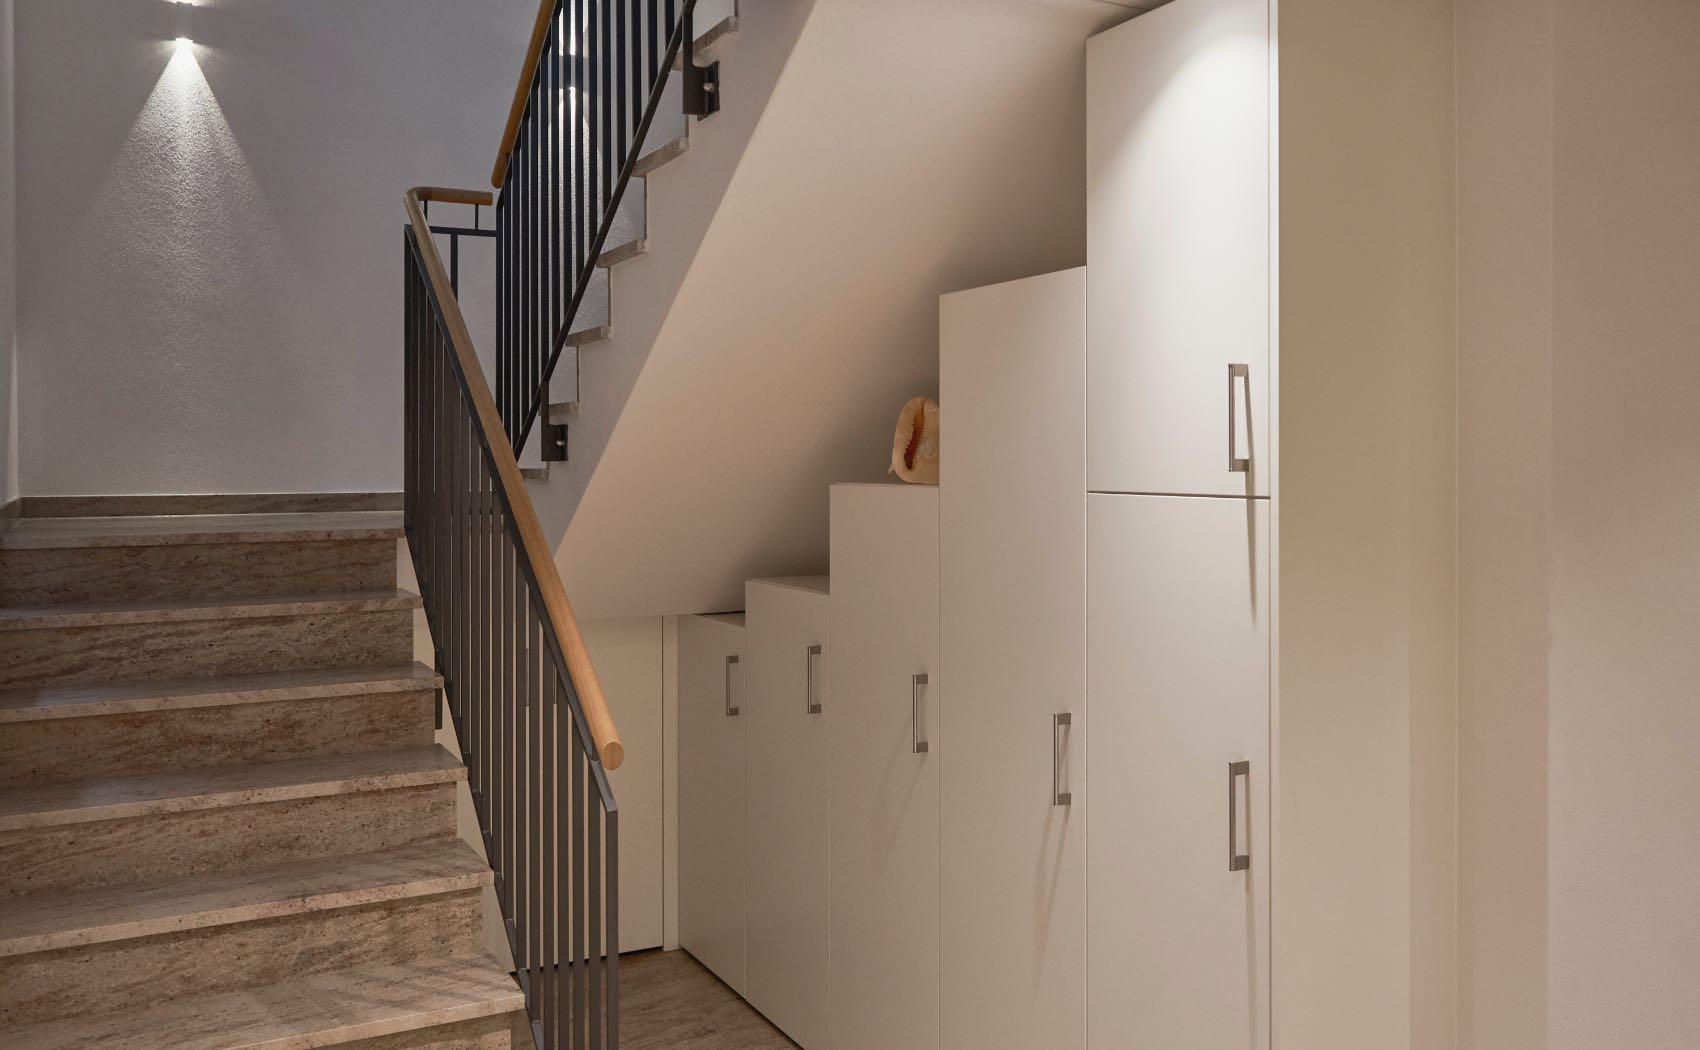 Maßschränke unter der Treppe